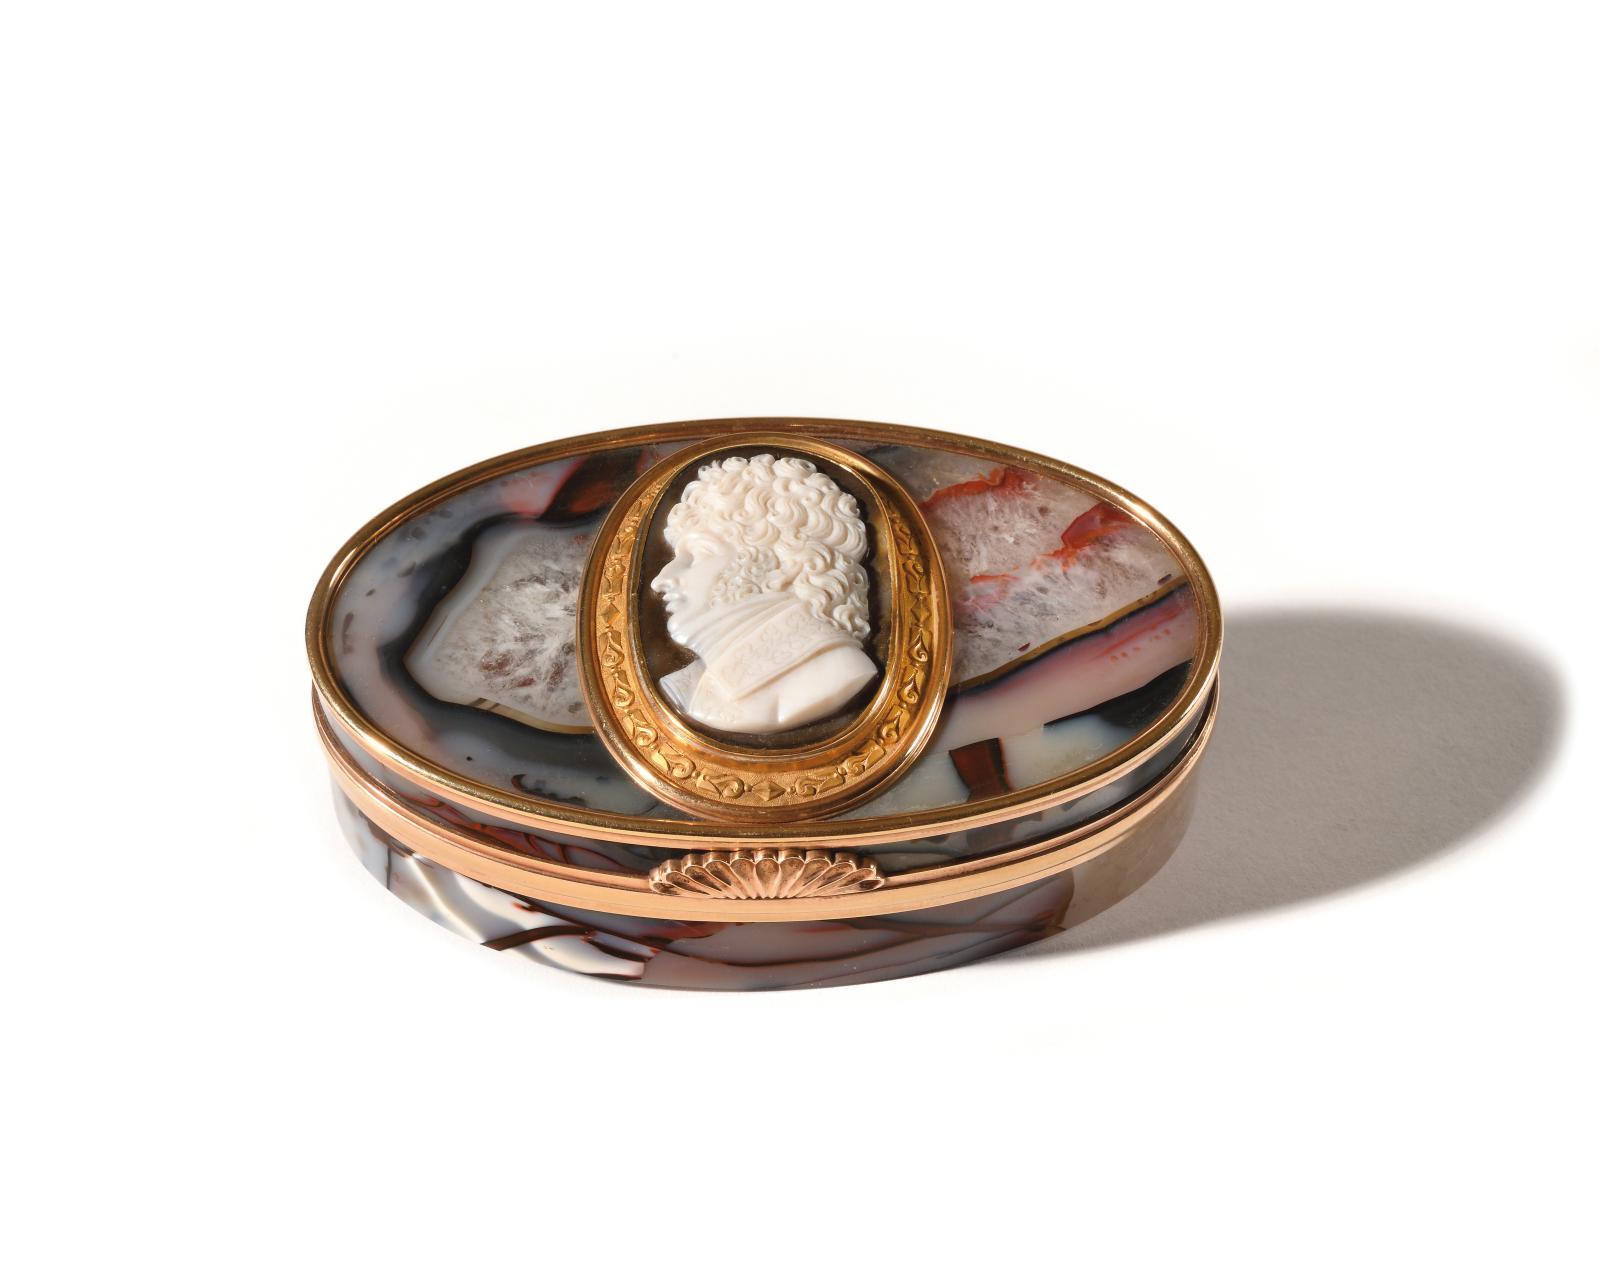 Cette sélection d'objets précieux serait incomplète sans cette tabatière, réputée avoir été offerte par Napoléon à Joachim Murat à l'occas